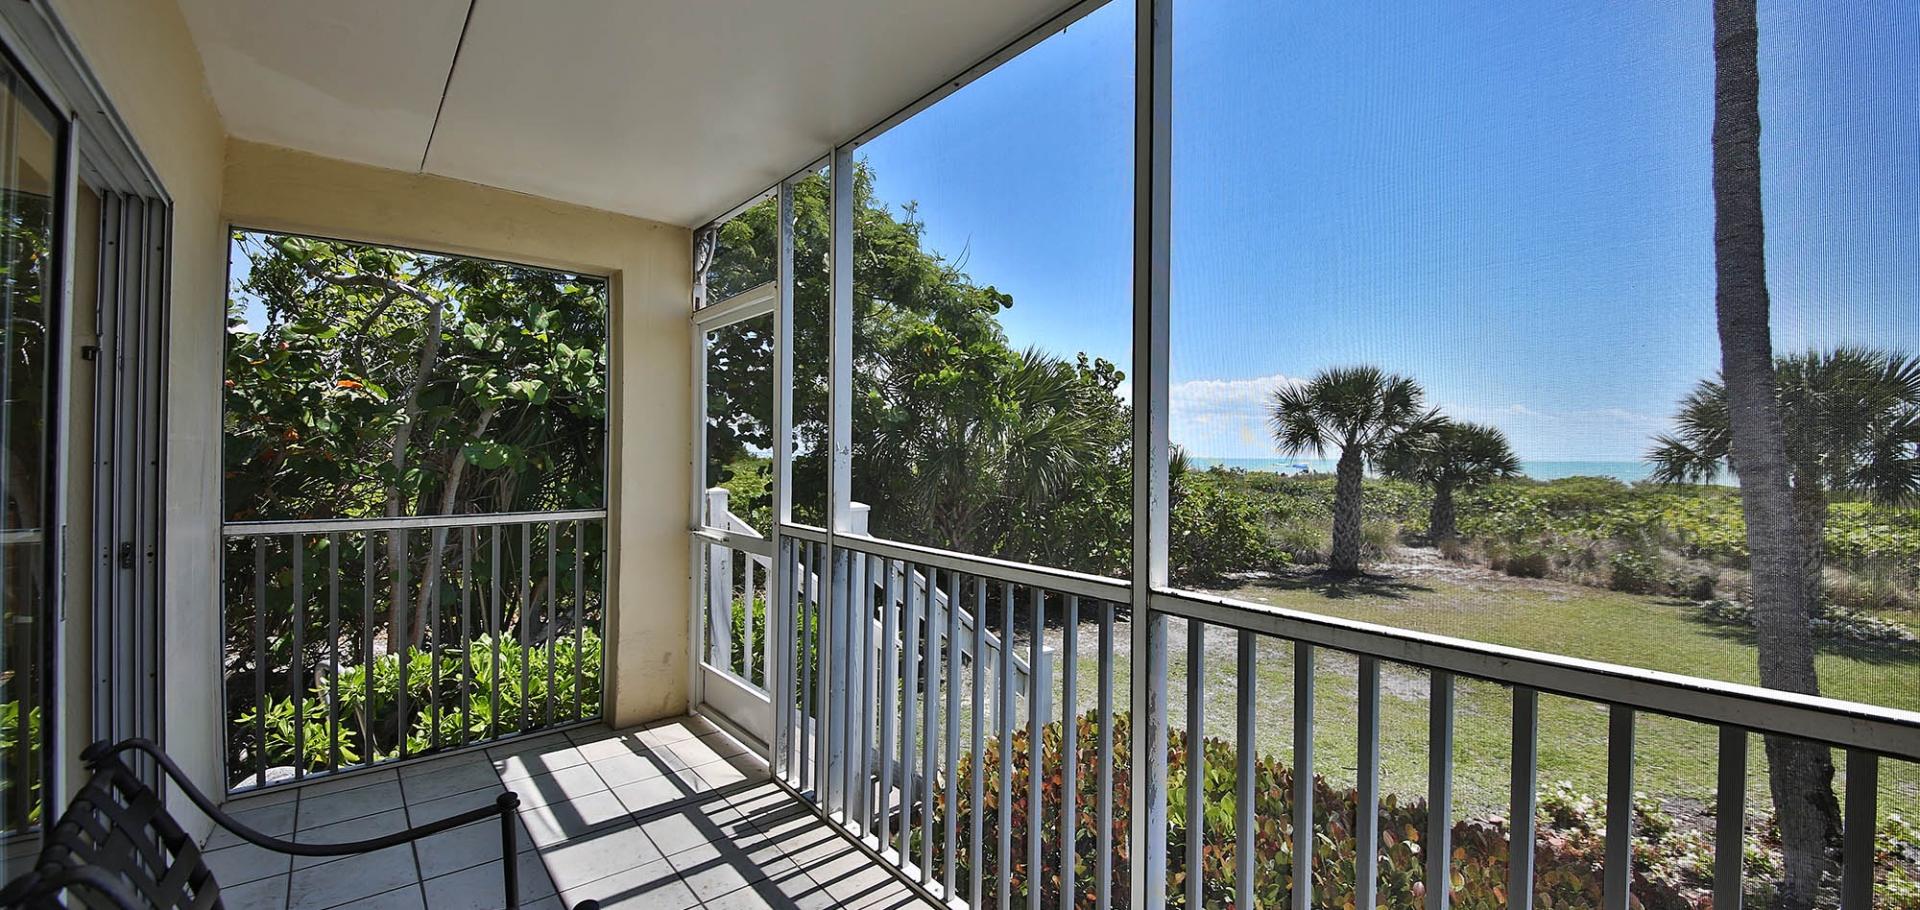 Seaside Inn guestroom view